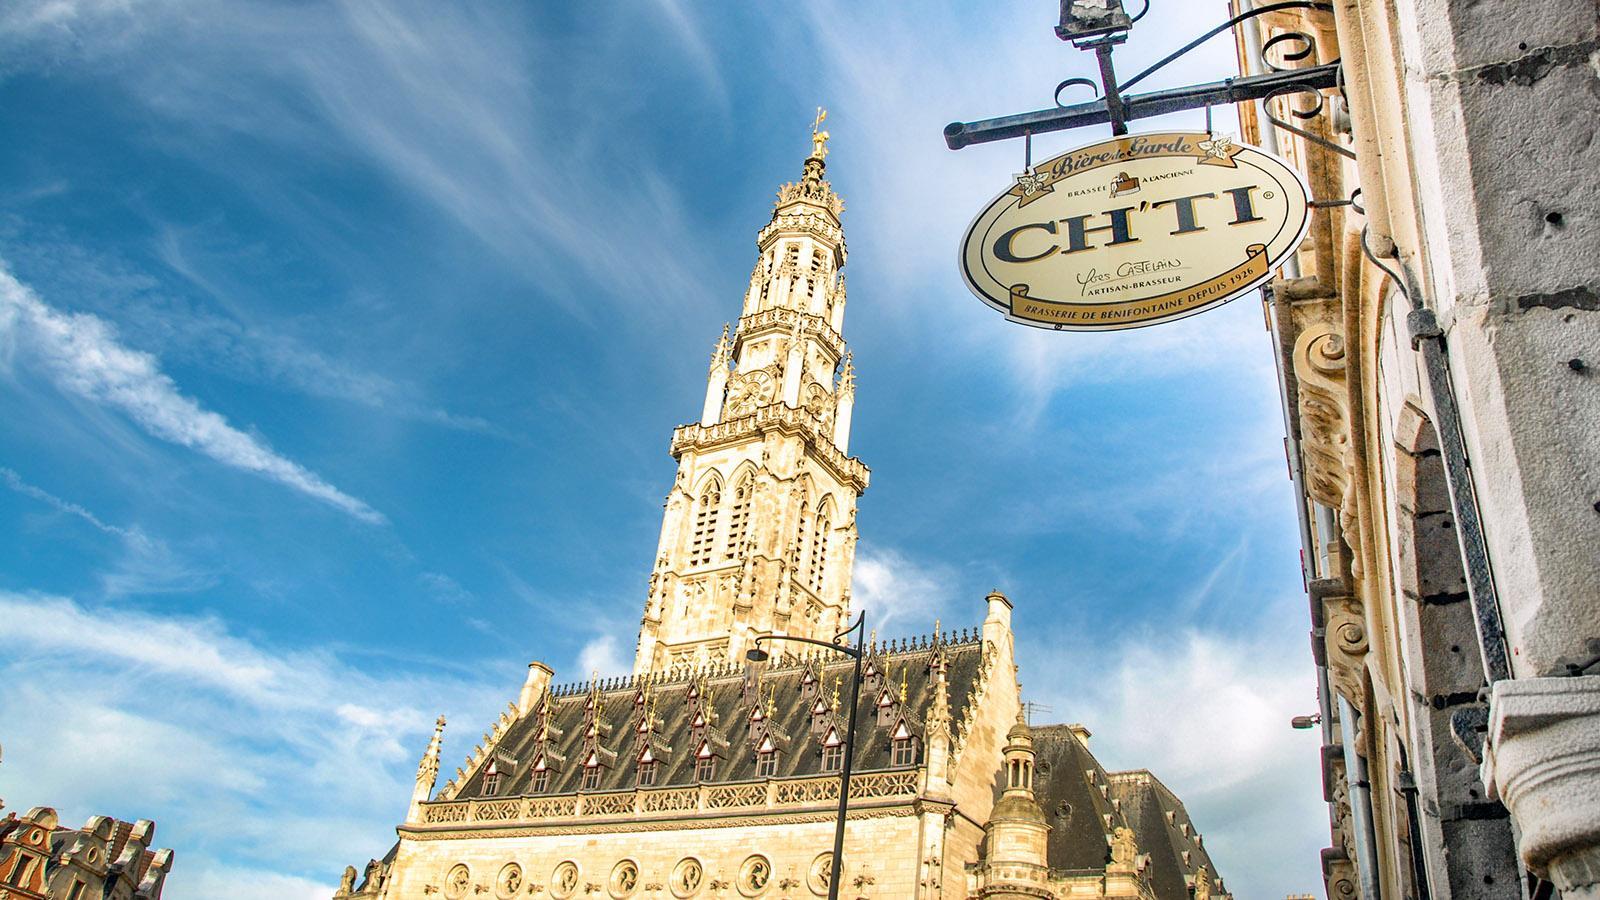 Arras: Die Place des Héros mit ihrem berühmten Belfried. Foto: Hilke Maunder